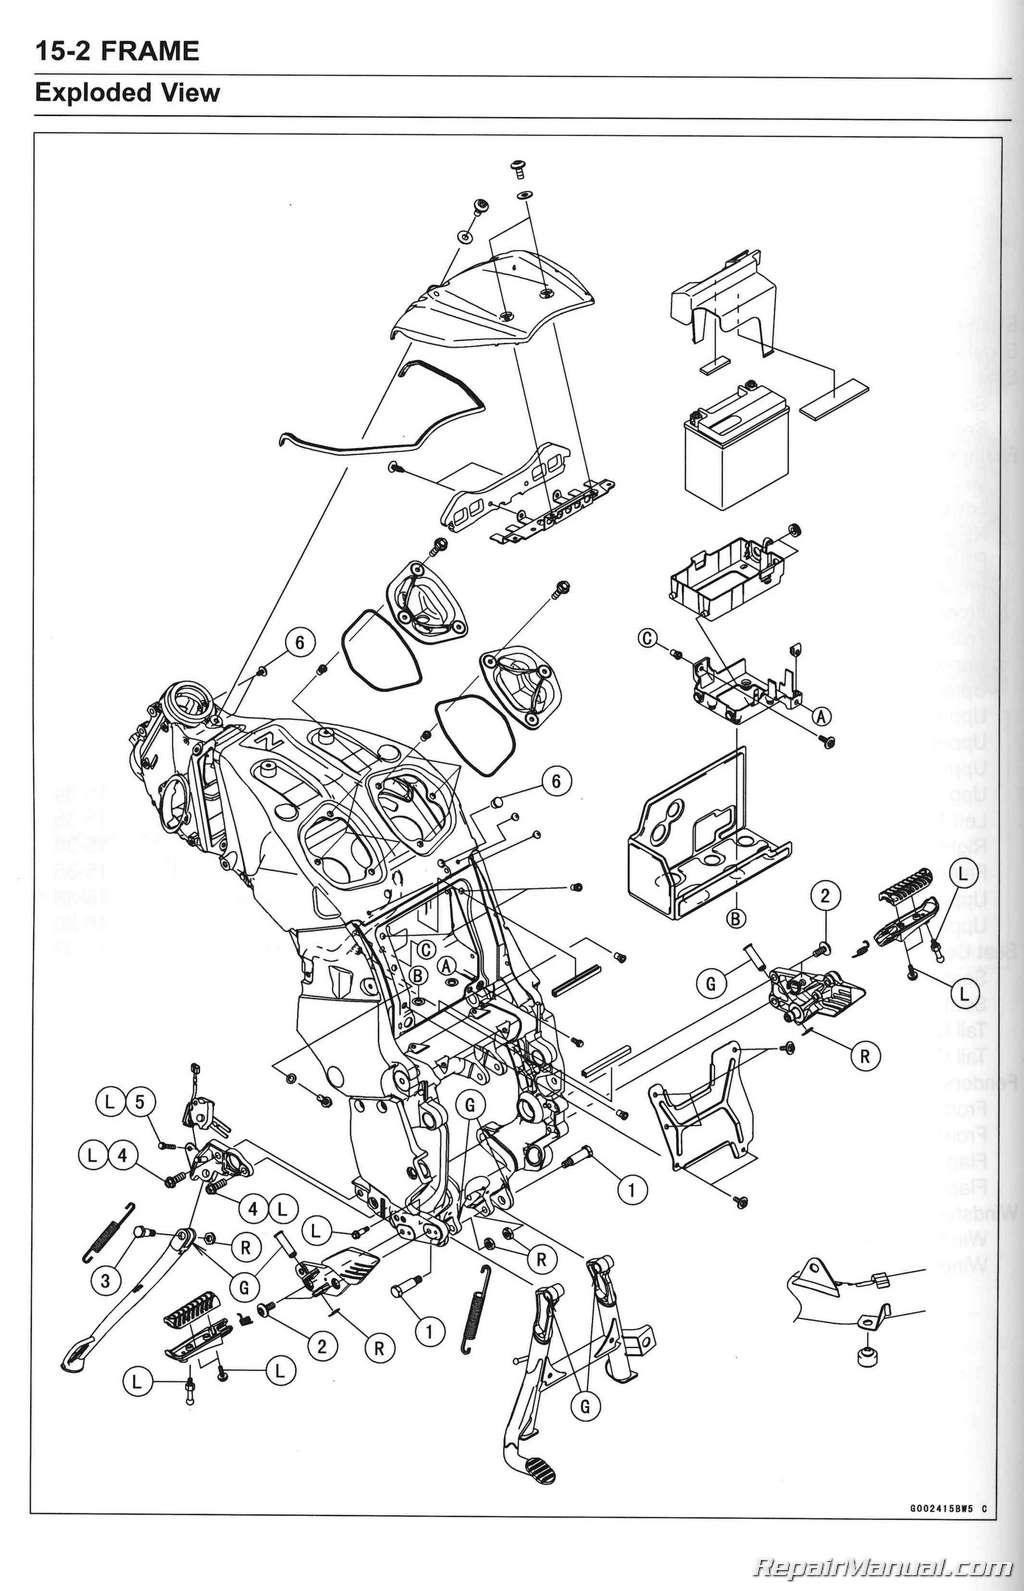 Kawasaki Vulcan Parts Catalog